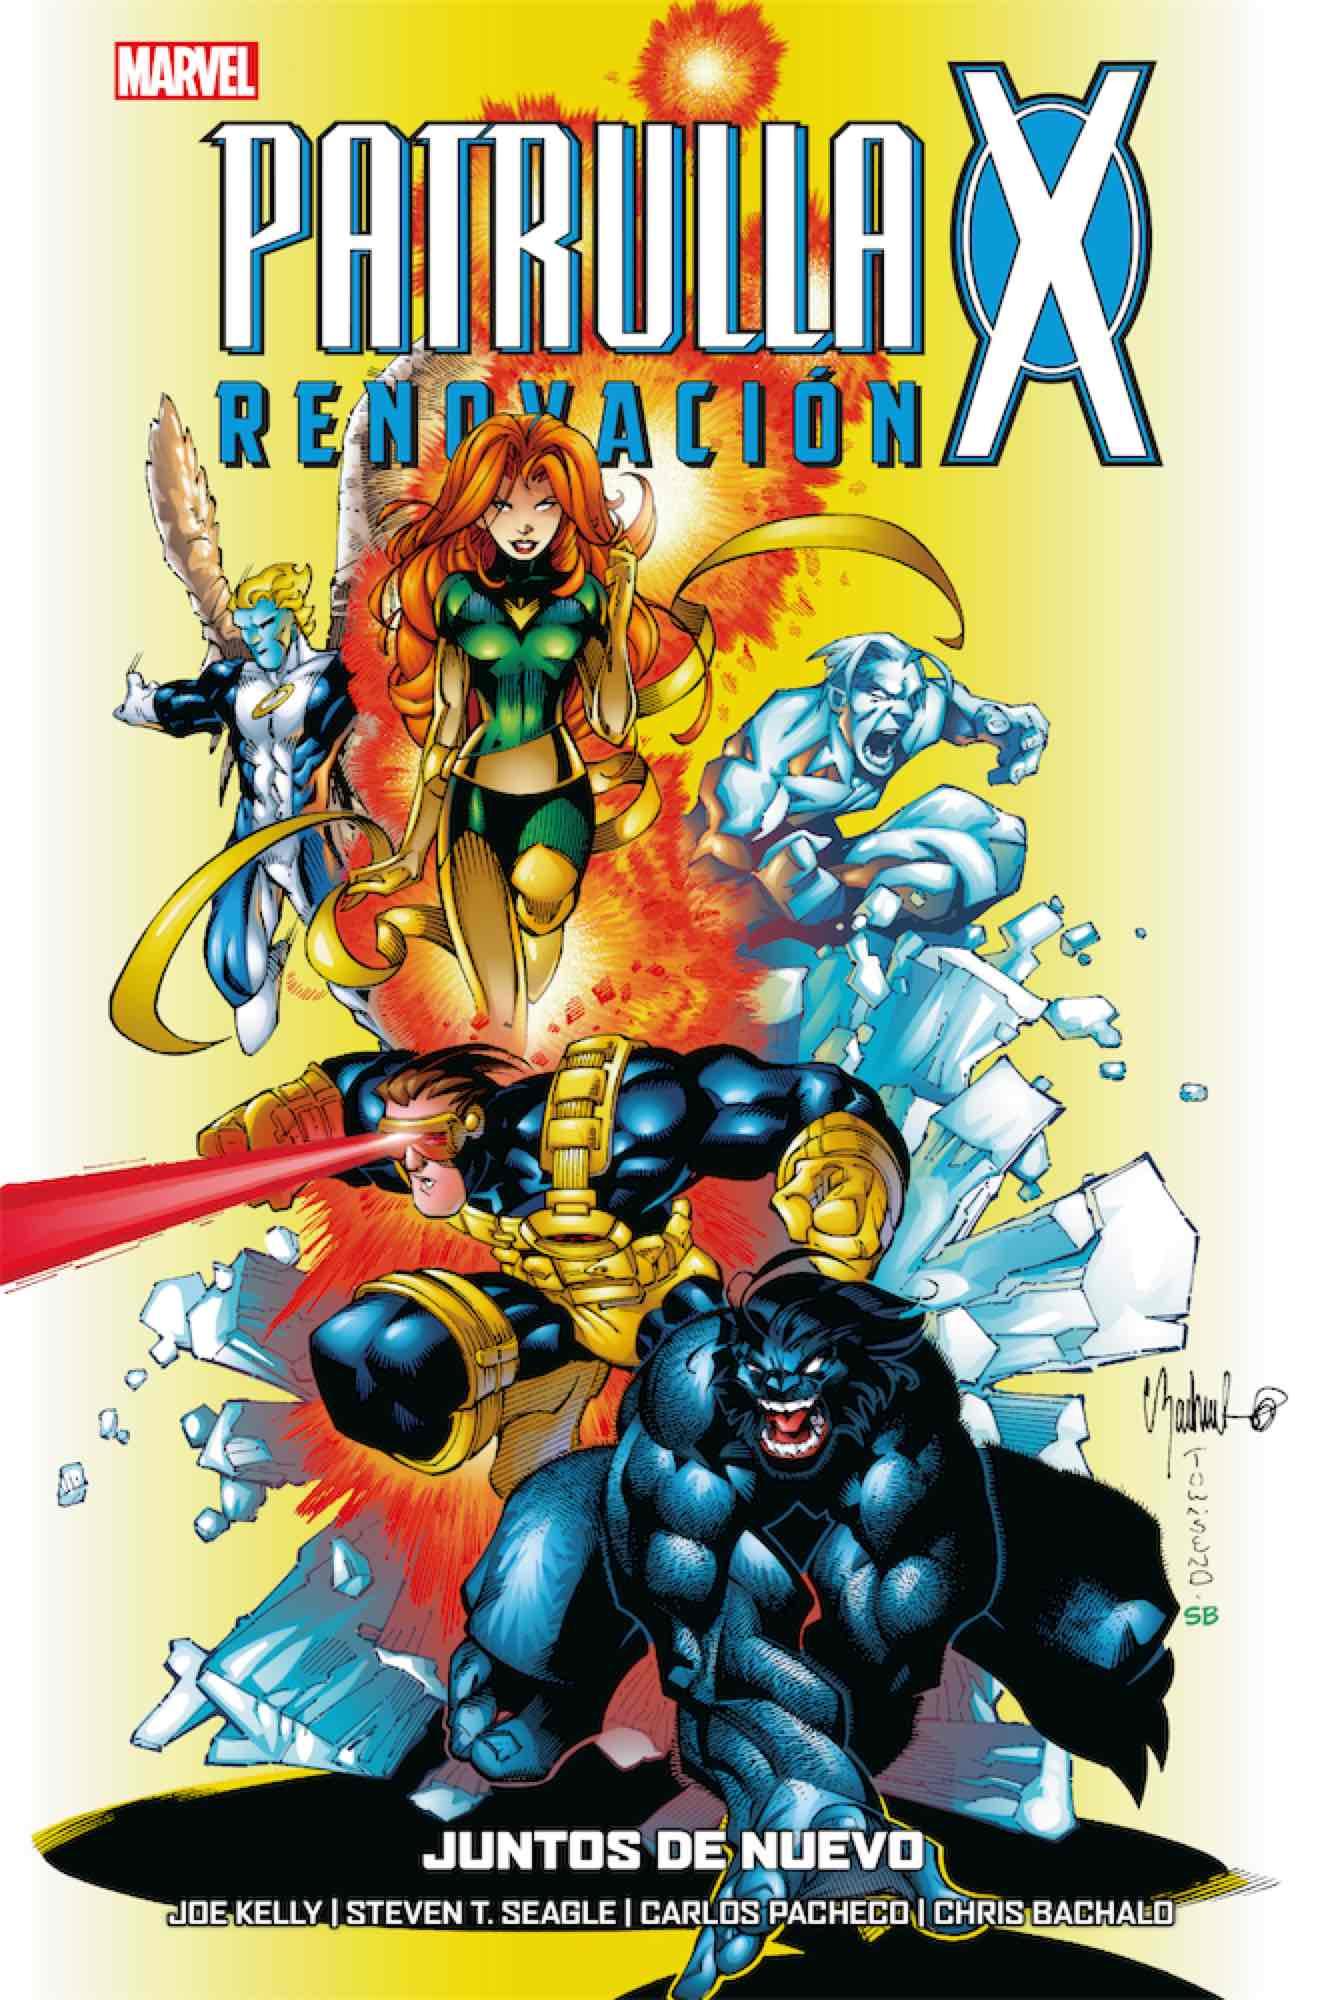 PATRULLA-X: RENOVACION 02. JUNTOS DE NUEVO